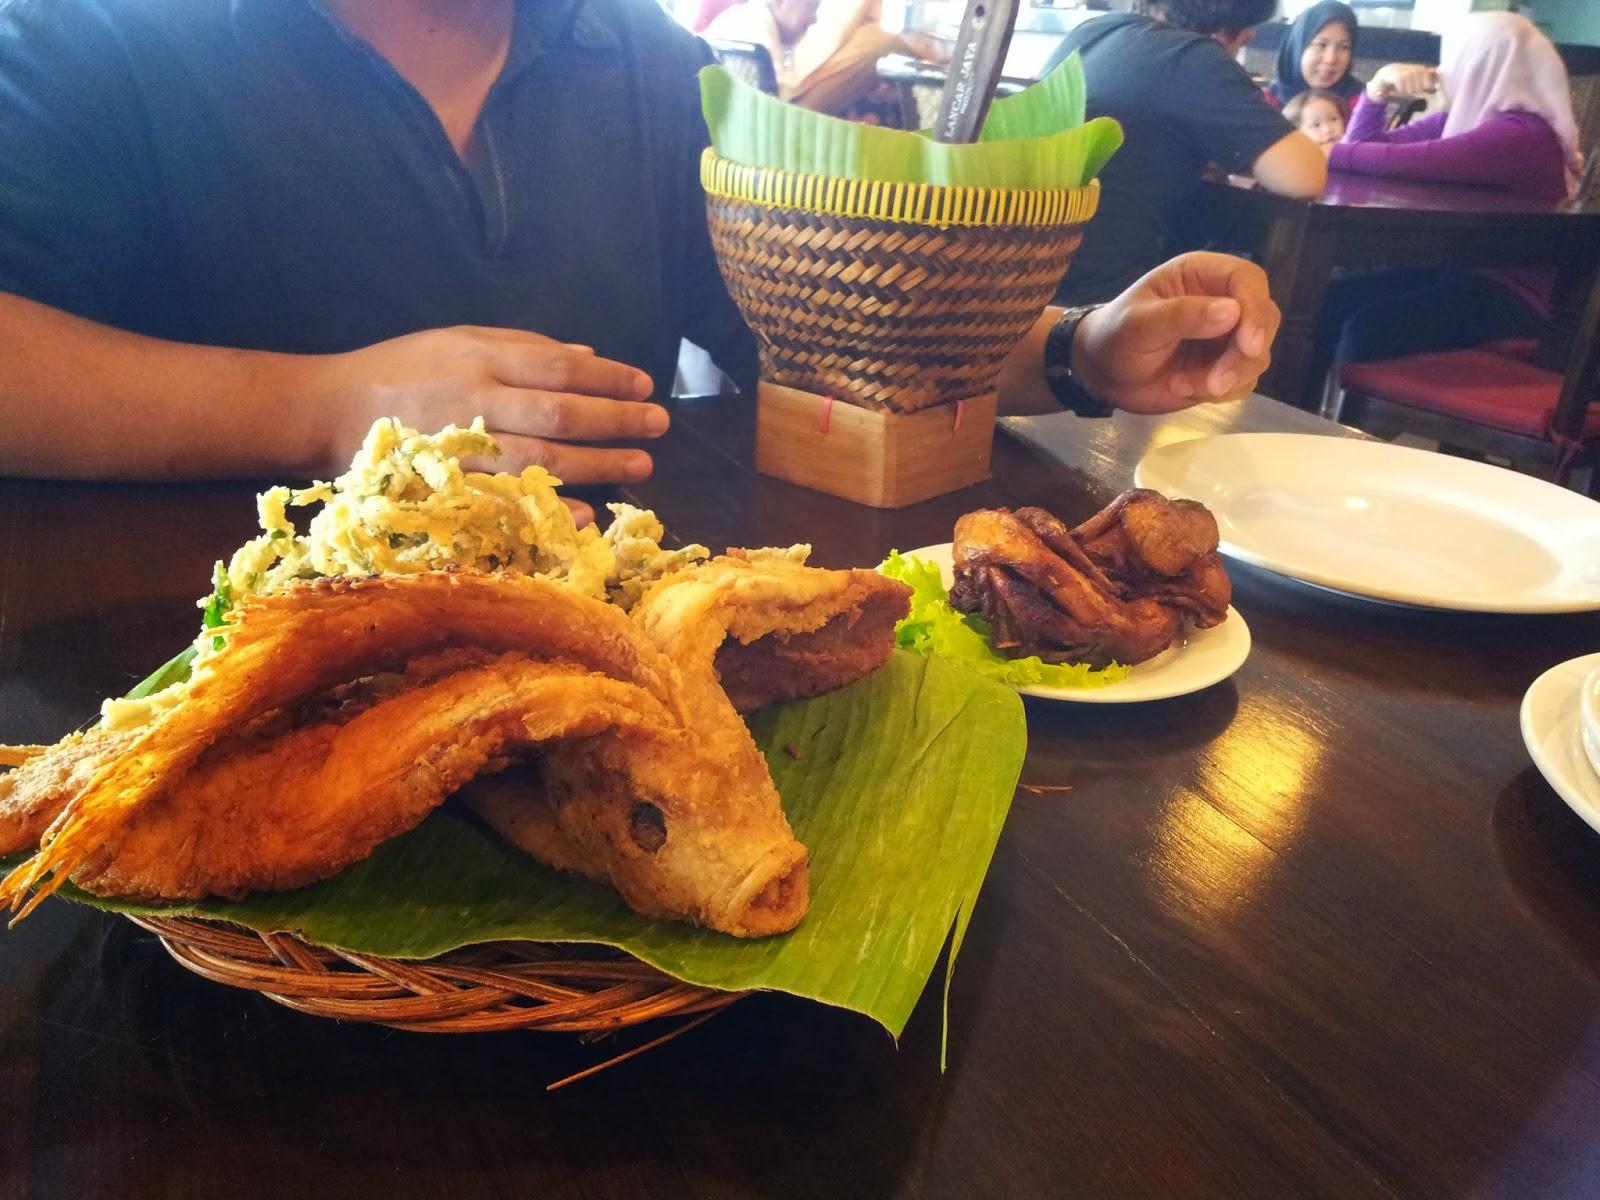 Ikan talapia goreng kipas kecil RM 25 90 besar RM29 90 Memang saaaaannnnngat sedap Siap ada sayur goreng celup tepung yang rangup di atas ikan